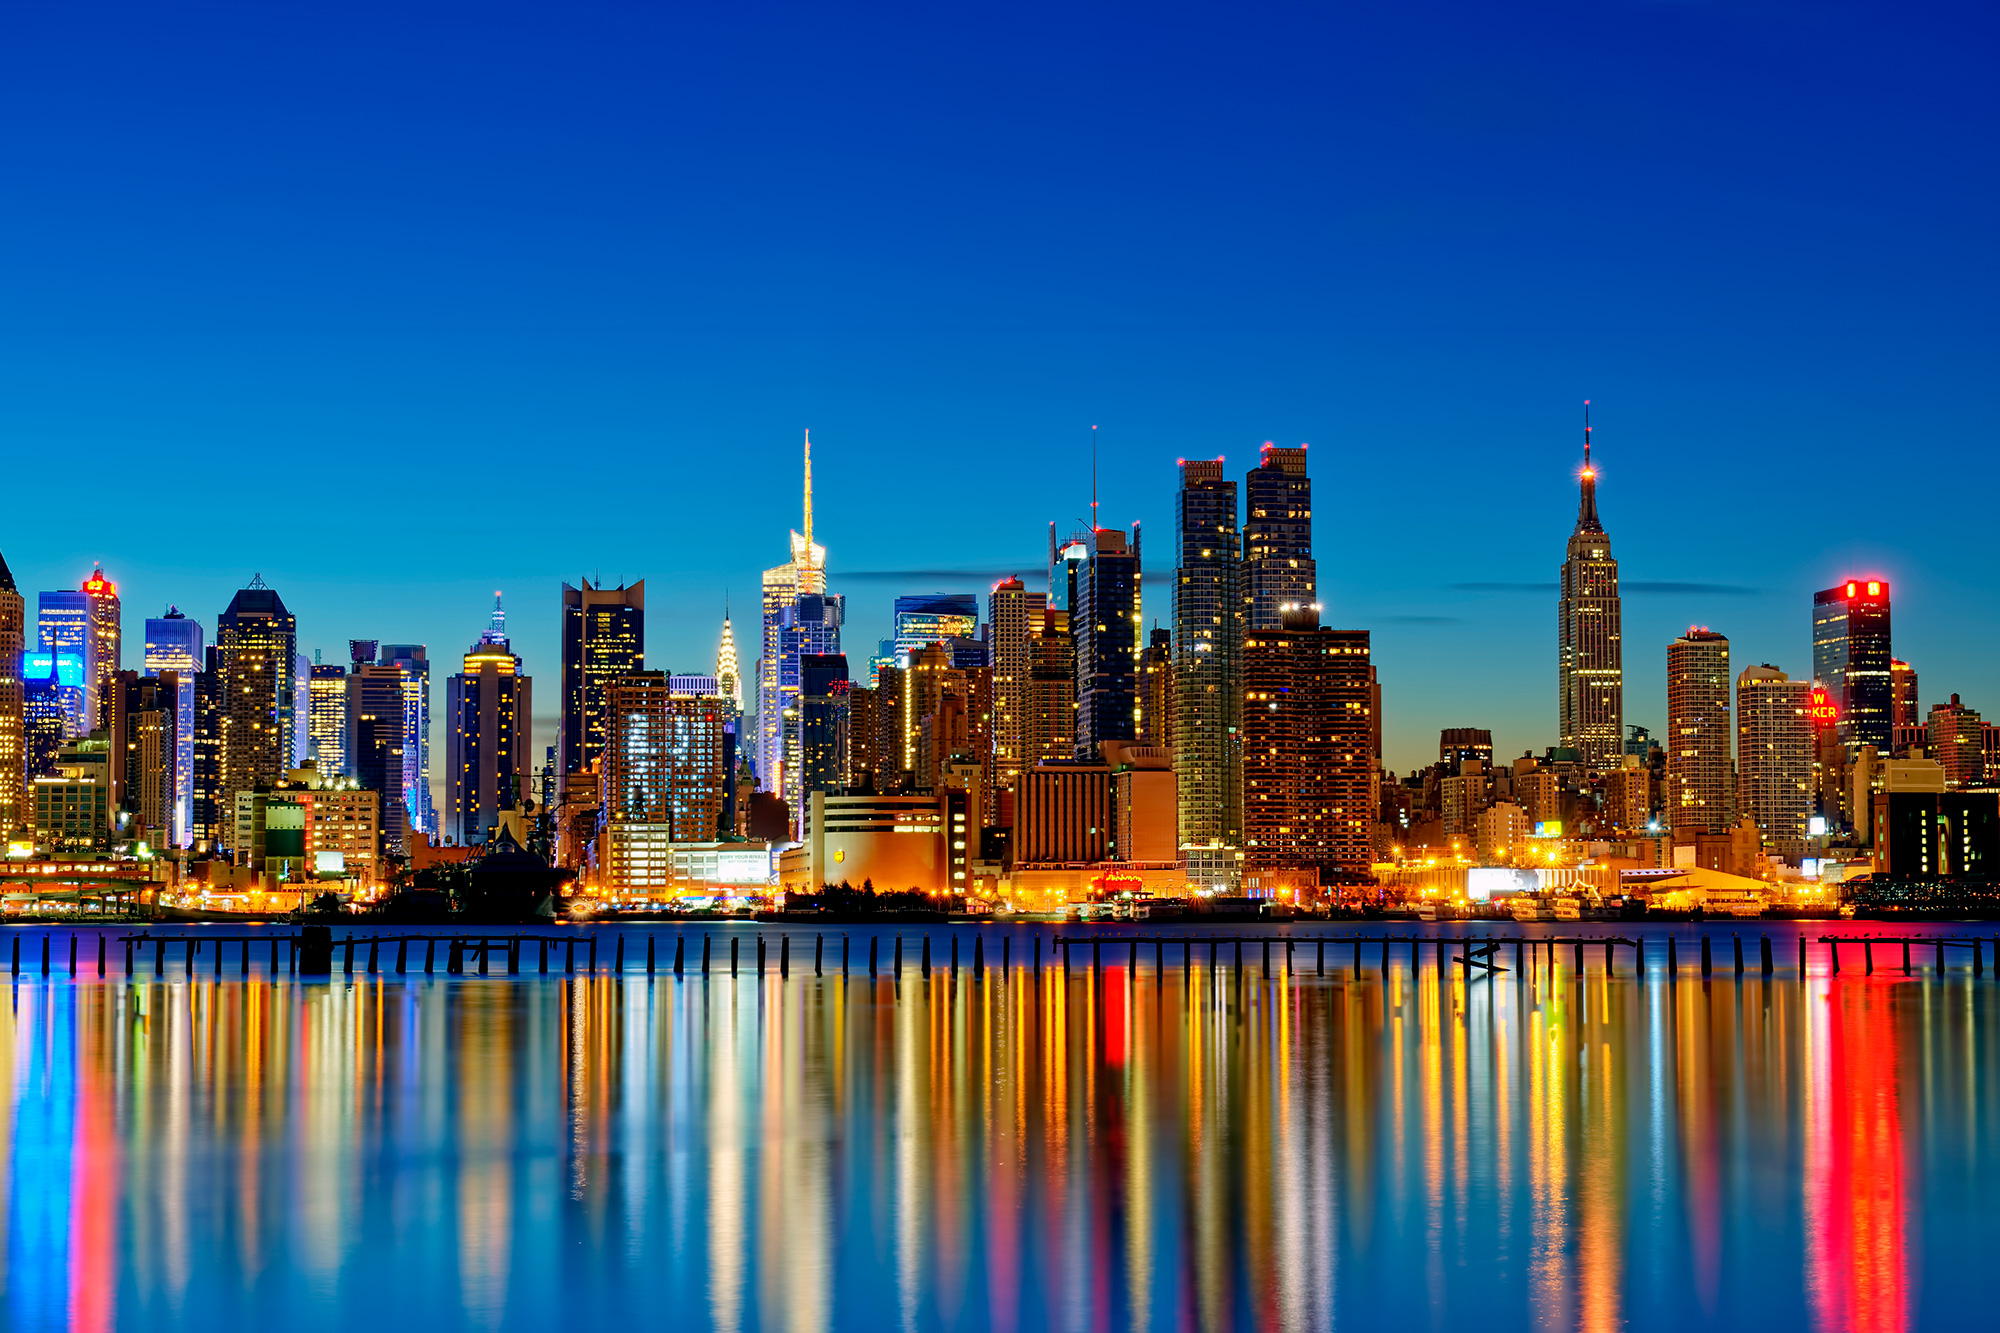 Du Lịch Bờ Đông Mỹ: New York - Philadelphia - Washington Dc